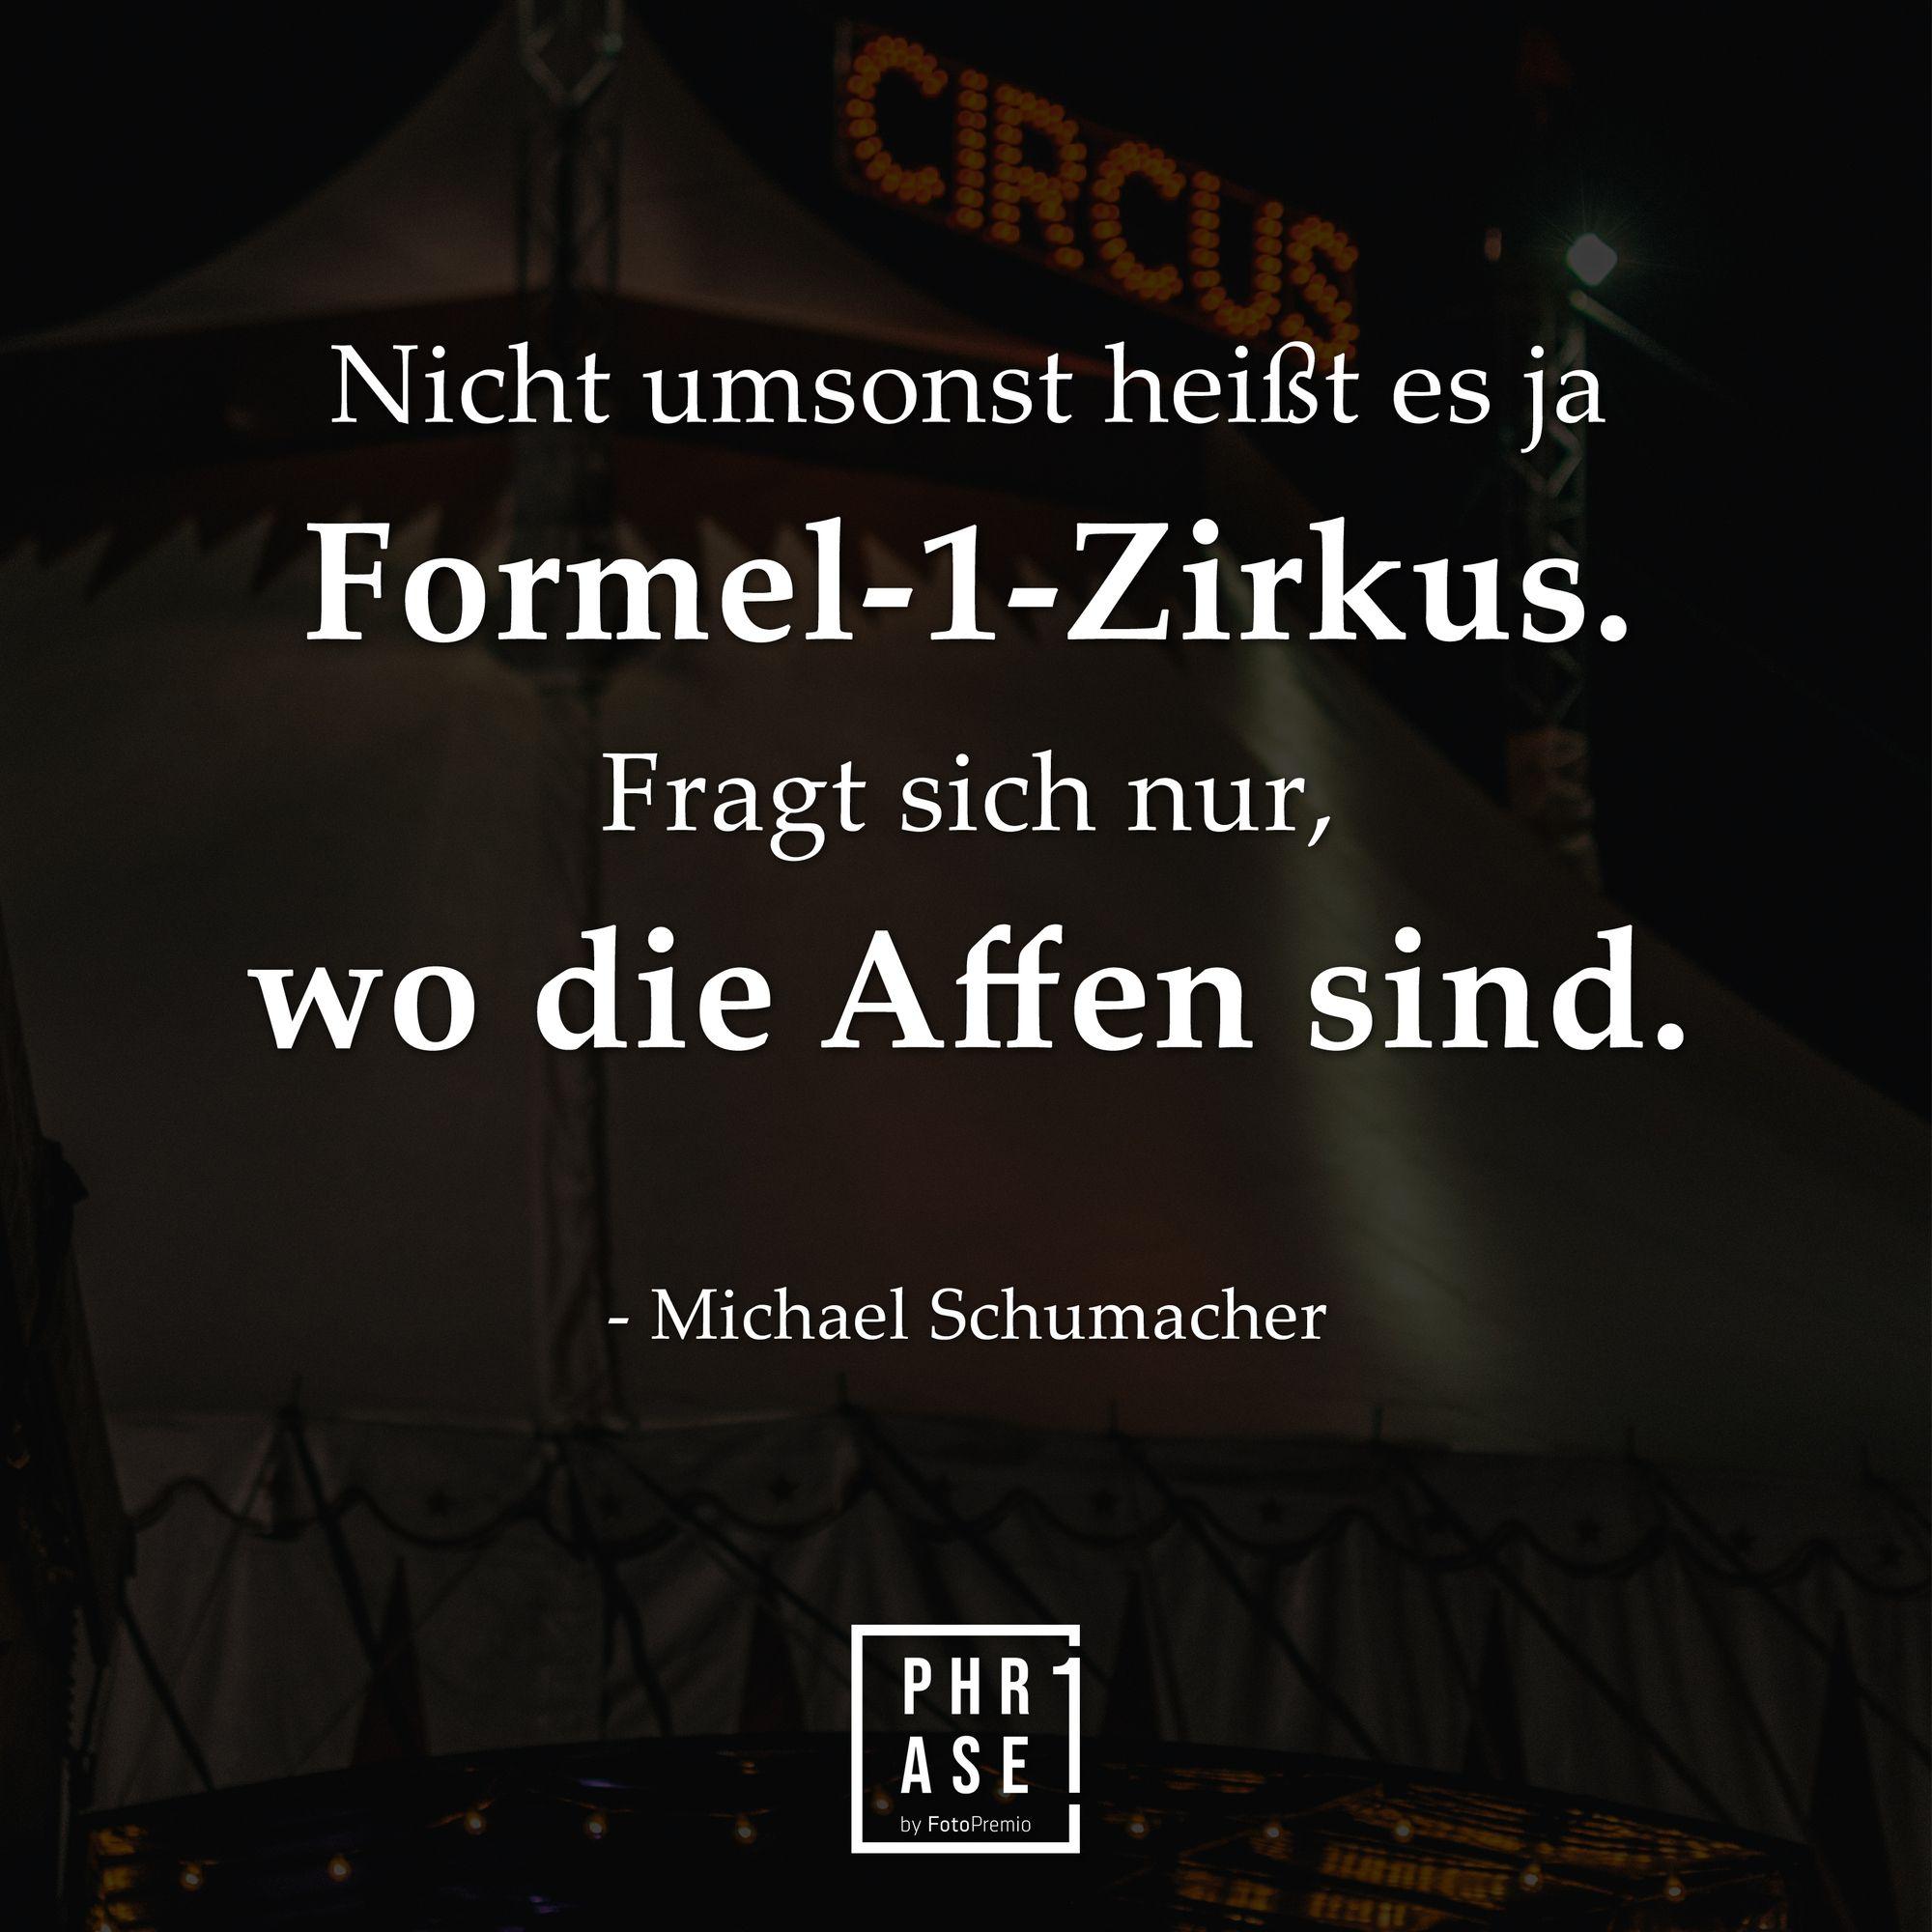 Nicht Umsonst Heisst Es Ja Formel 1 Zirkus Fragt Sich Nur Wo Die Affen Sind Michael Schumacher Zitate Nachdenken Beruhmte Zitate Witzige Spruche